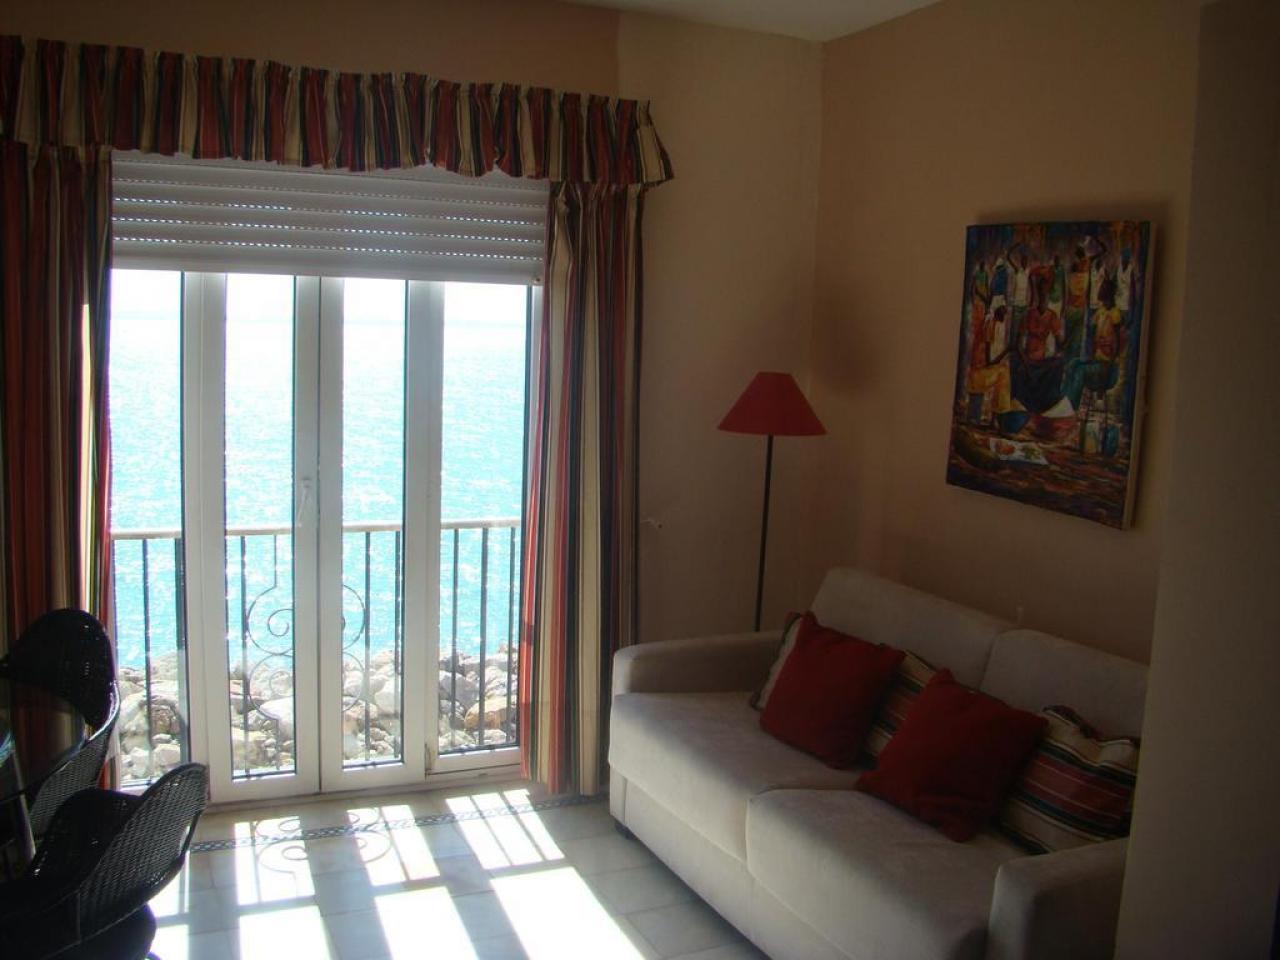 Habitaciones en alquiler El Puerto de Santa María, Cádiz